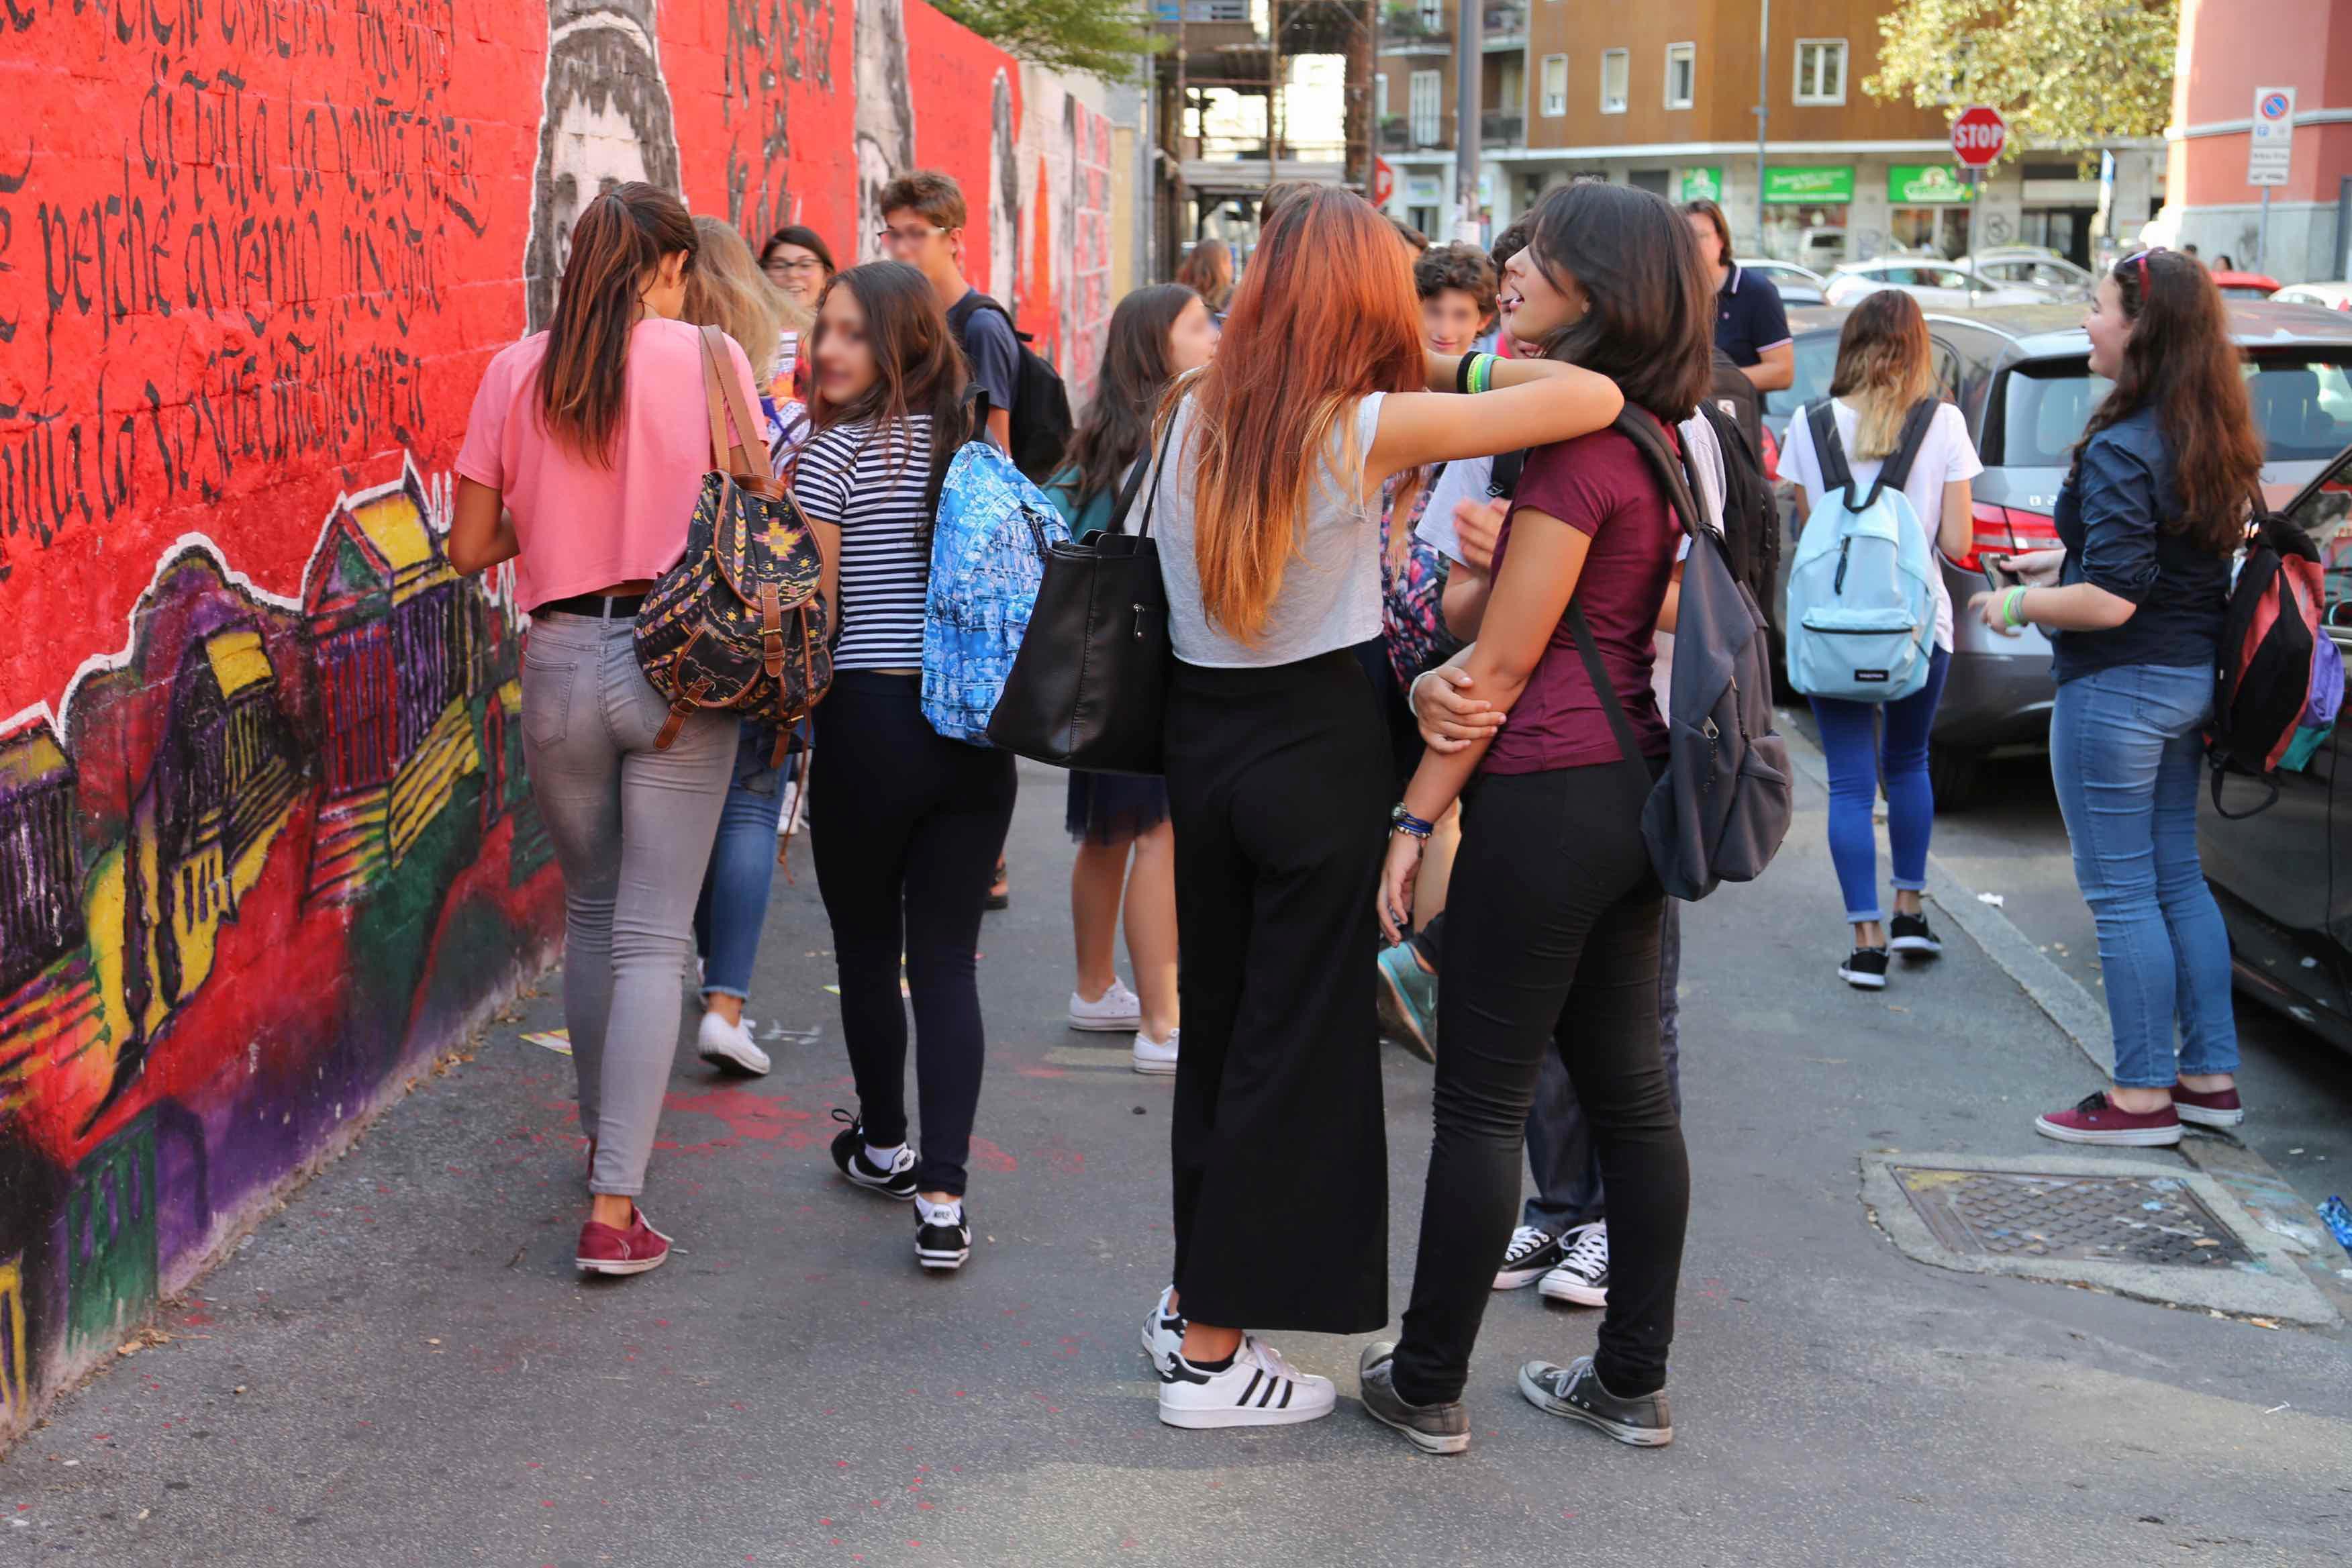 Scuola, boom di studenti all'estero: +111% in 6 anni